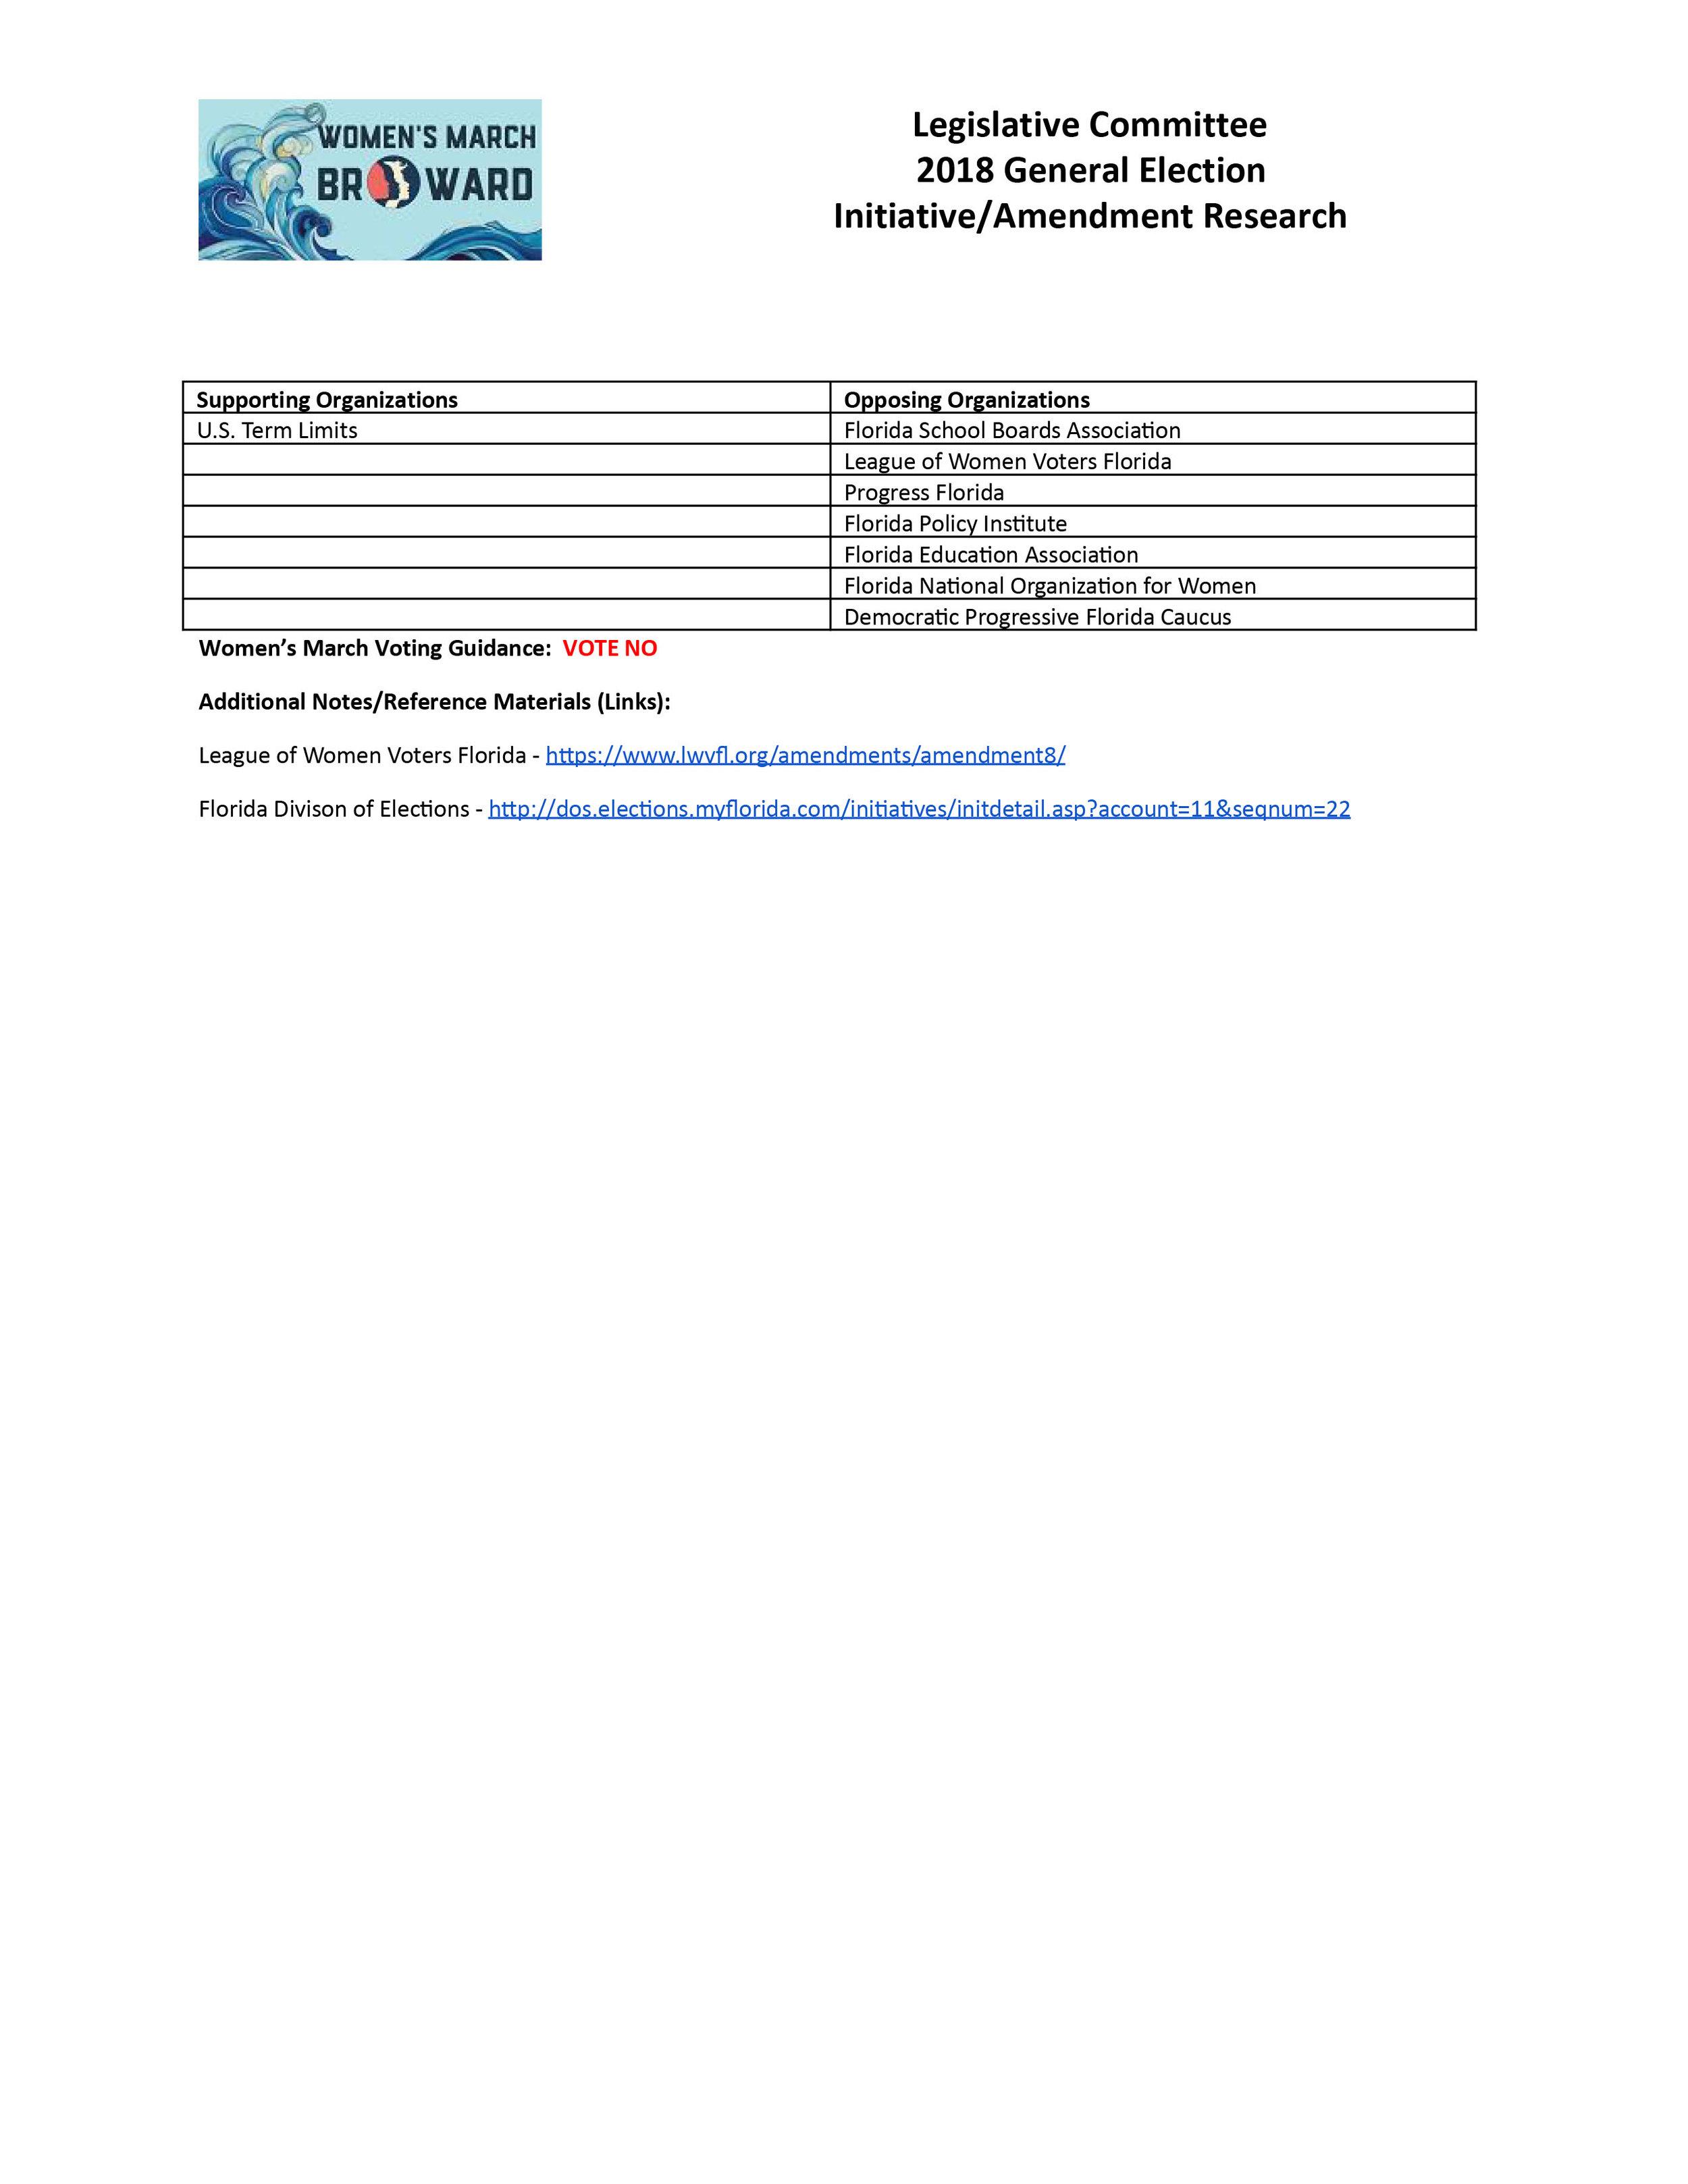 Amendment 8 - Legislative Comm_Initiative and Amendment Research Template.docx - Google Docs.jpg